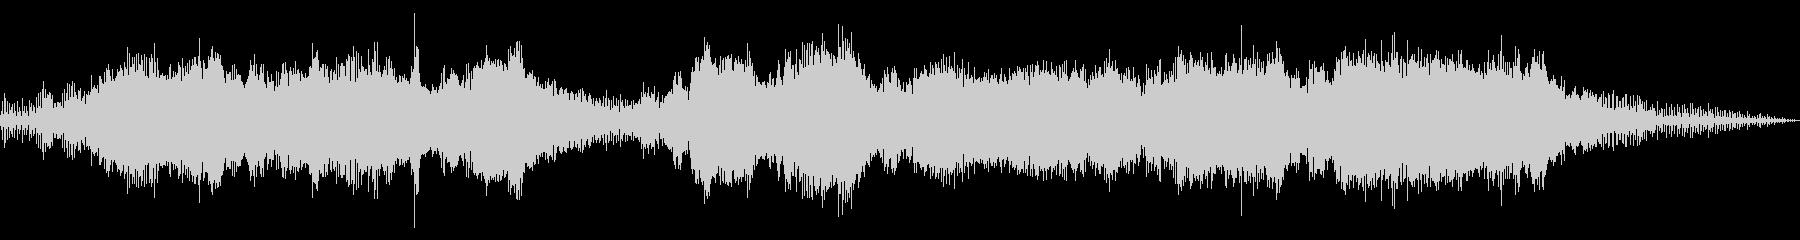 迫力あるチェーンソーの音の未再生の波形